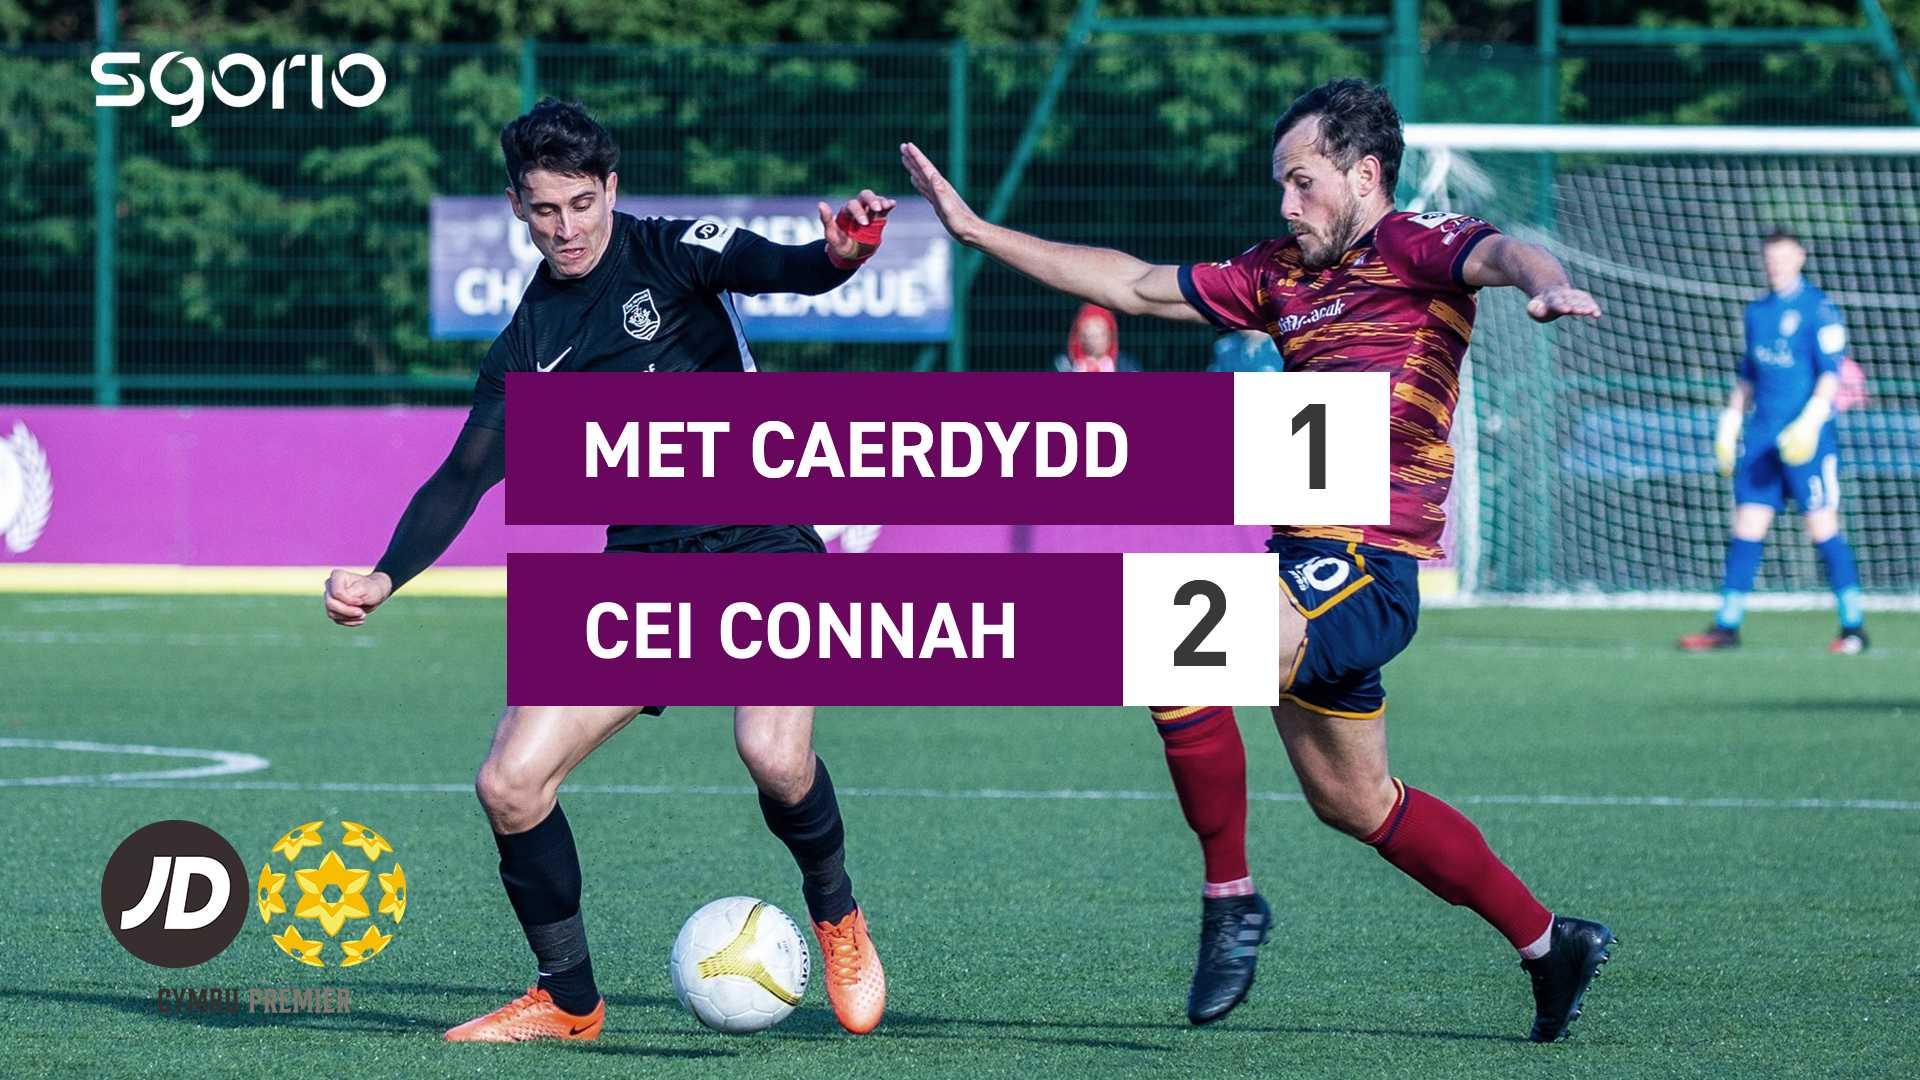 Met Caerdydd 1-2 Cei Connah